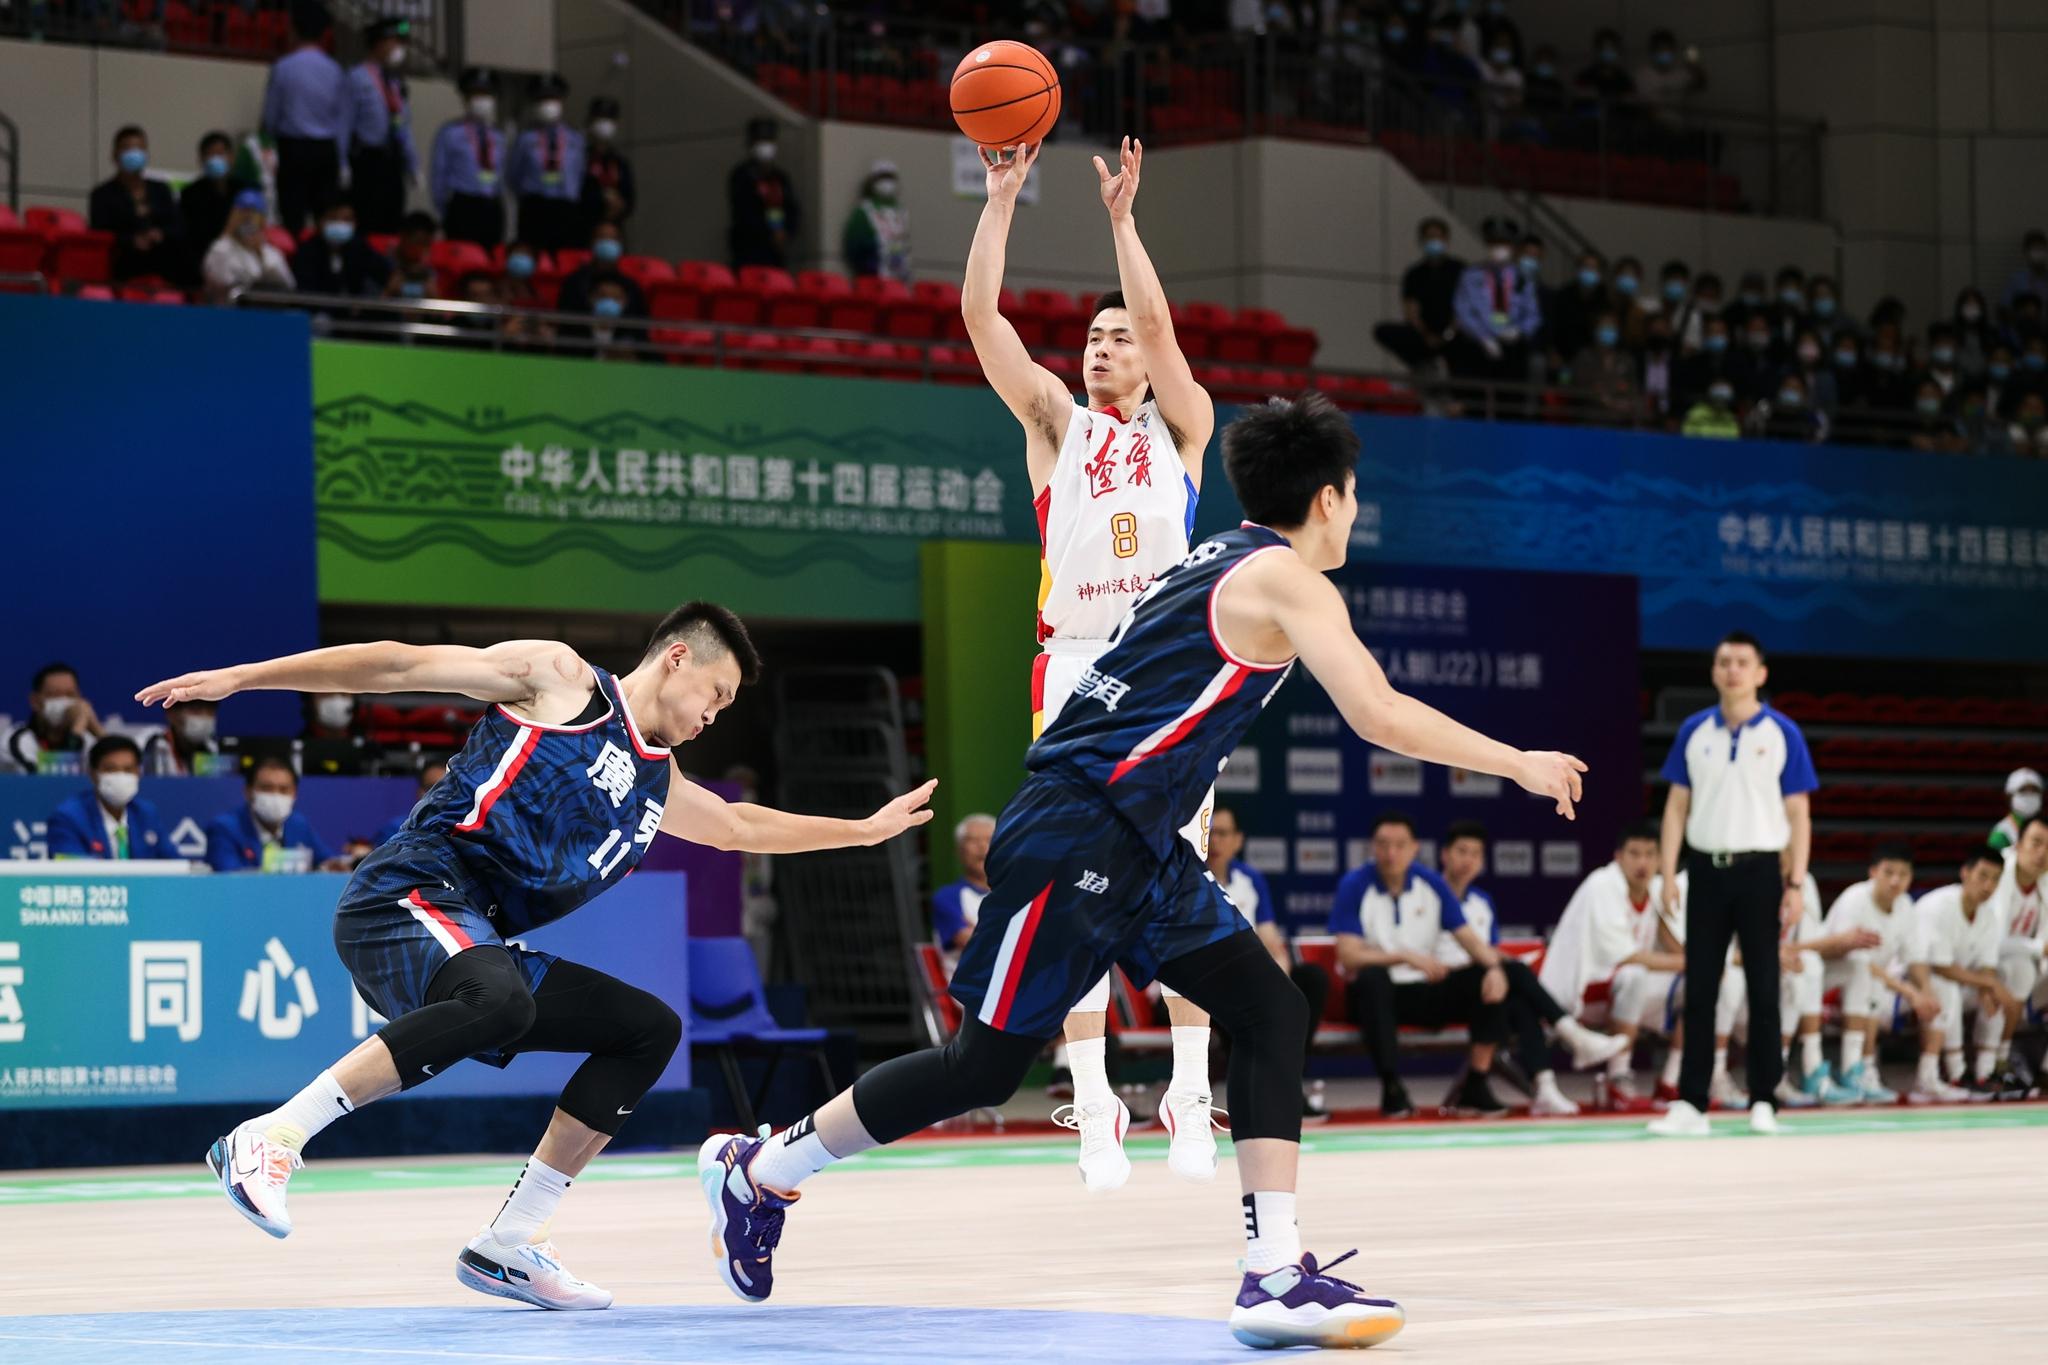 郭艾伦33分!辽宁击败广东,卫冕全运会男篮金牌